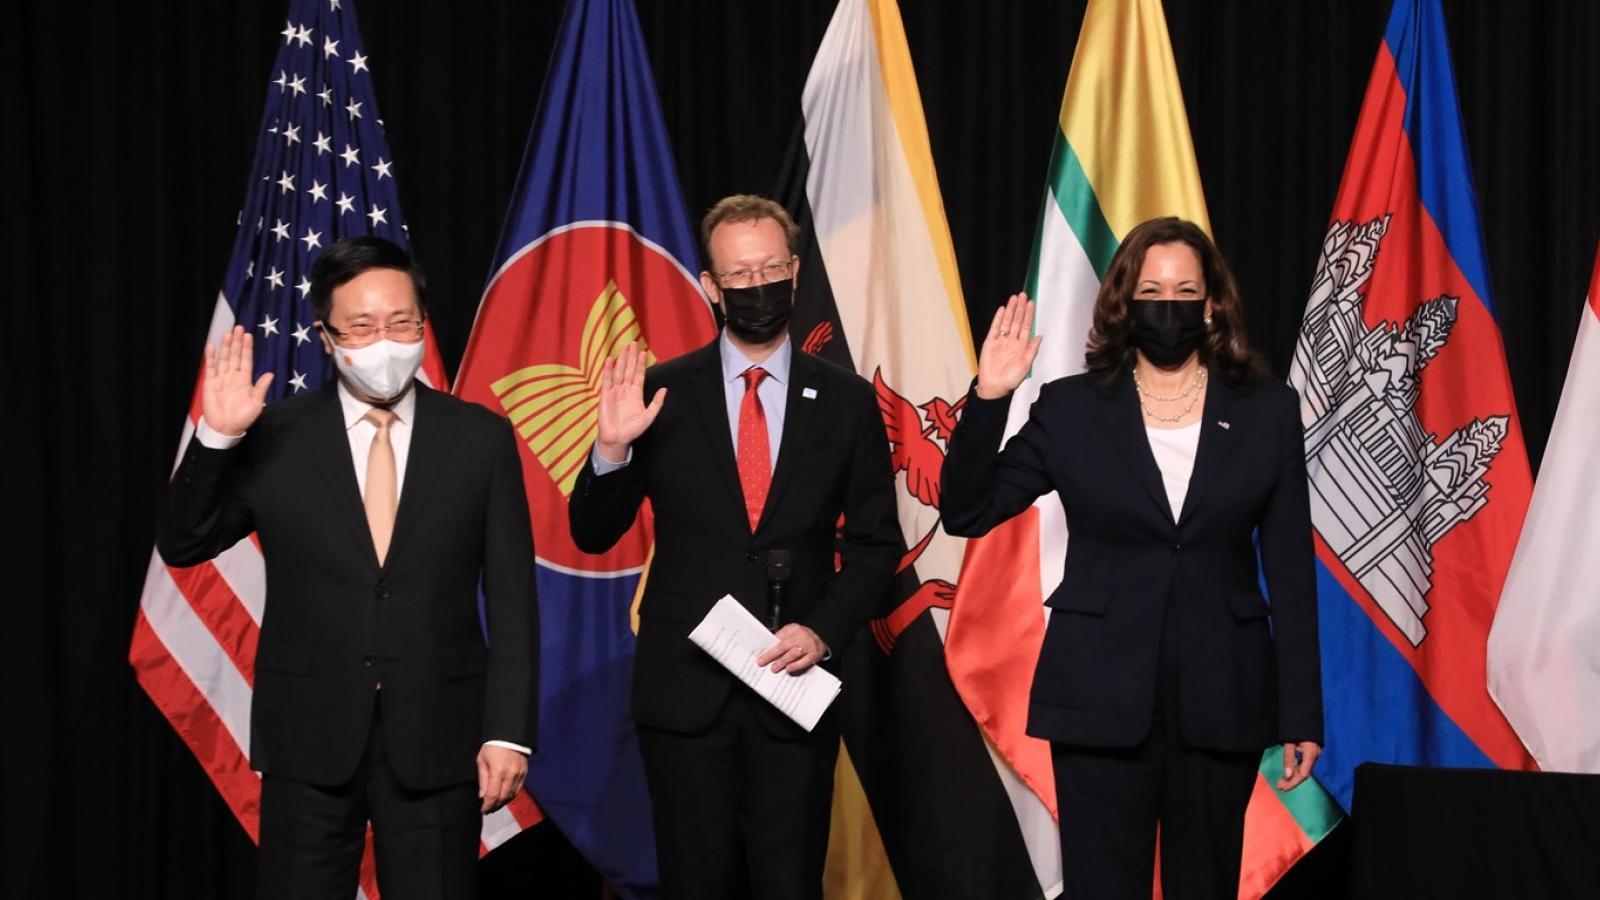 Phó Thủ tướng Phạm Bình Minh dựkhai trương Văn phòng khu vực Đông Nam Á của CDC Hoa Kỳ